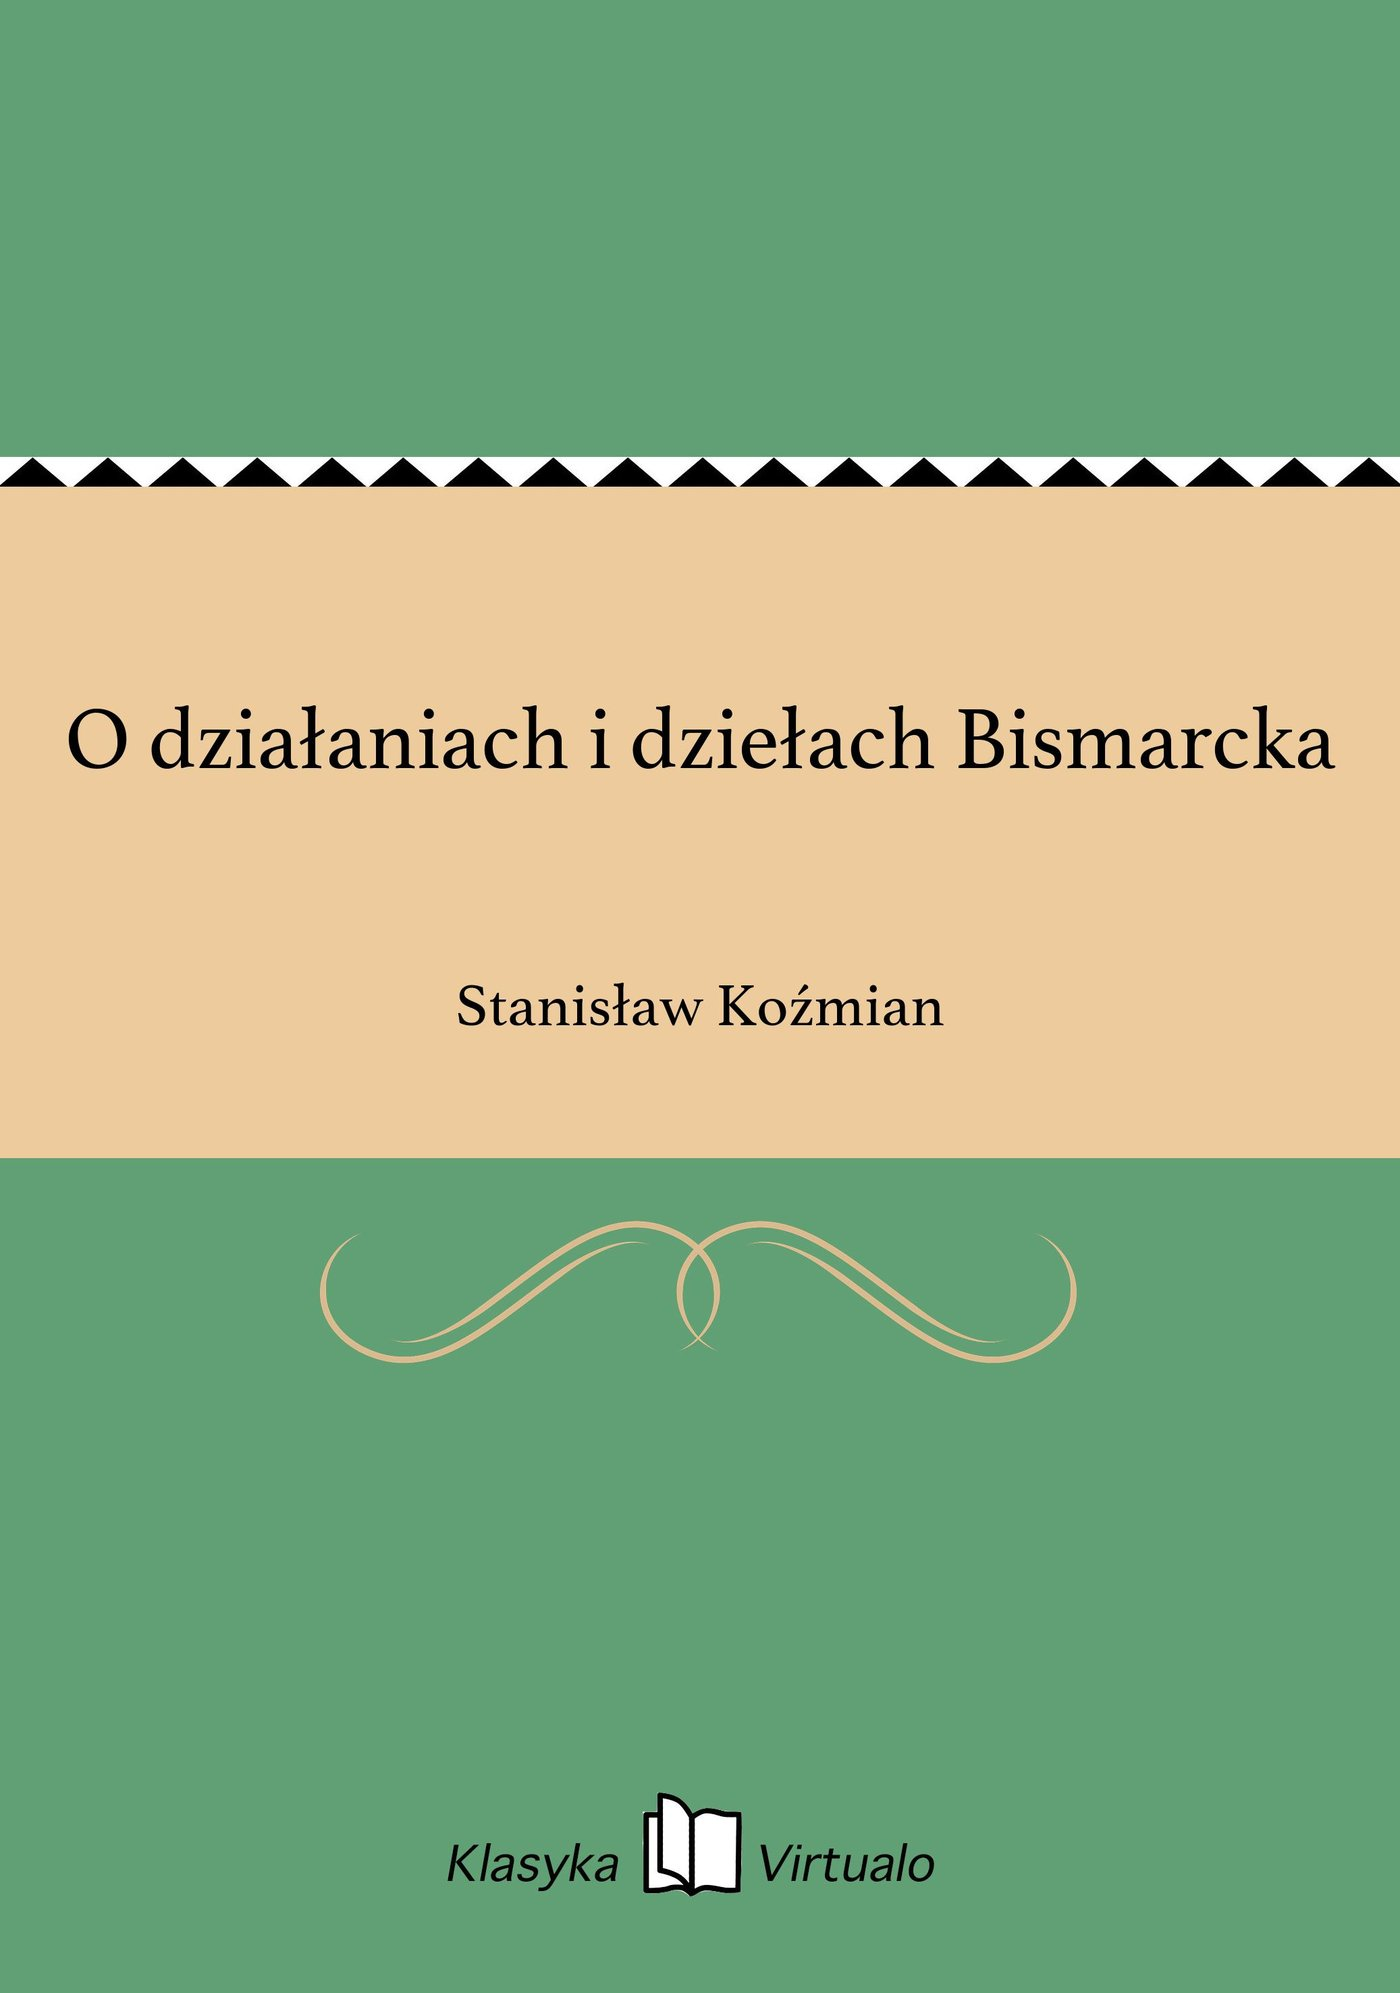 O działaniach i dziełach Bismarcka - Ebook (Książka na Kindle) do pobrania w formacie MOBI